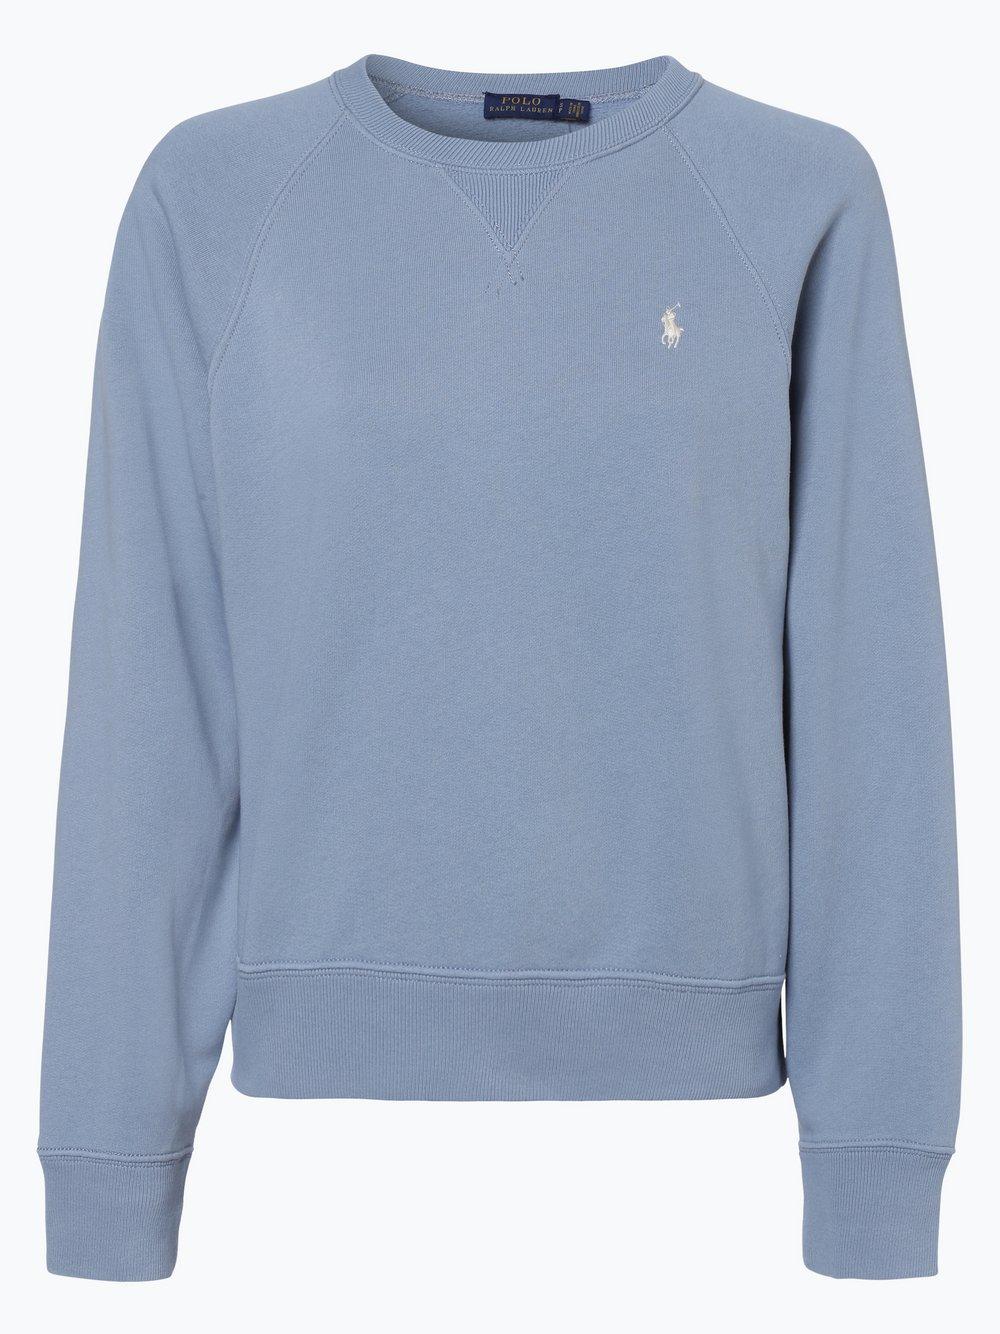 Polo Ralph Lauren Damen Sweatshirt online kaufen   VANGRAAF.COM